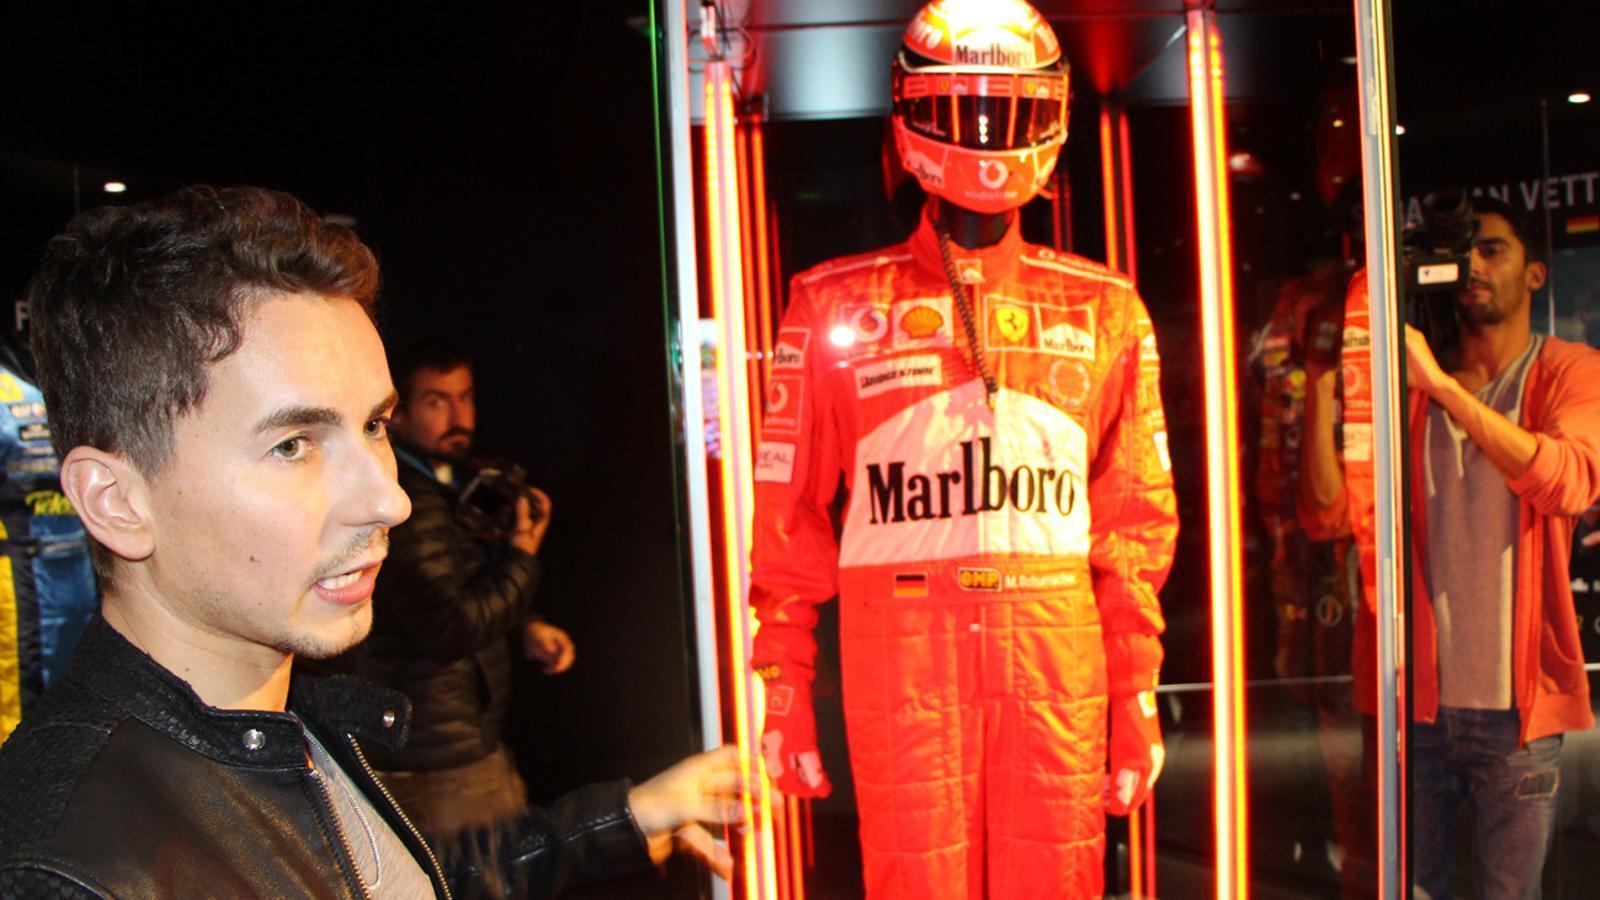 Lorenzo amb la granota de pilot i el casc de Michael Schumacher